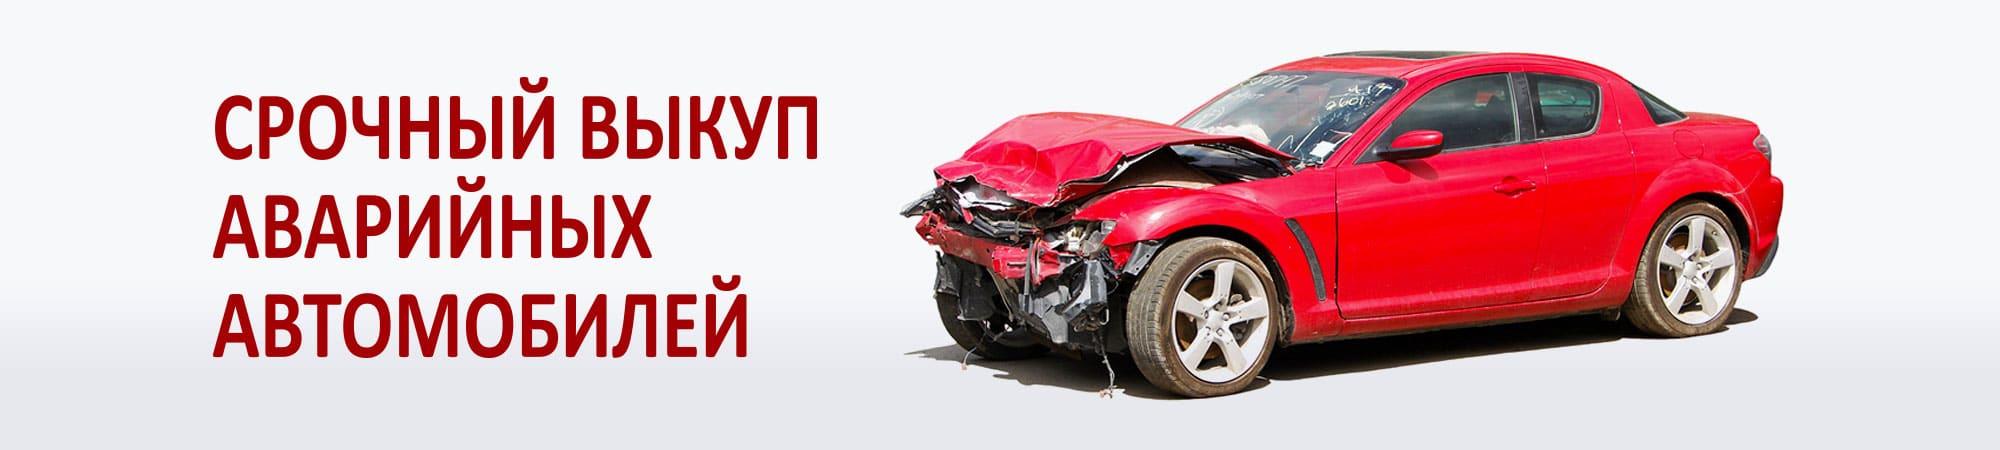 Выкуп аварийный автомобилей